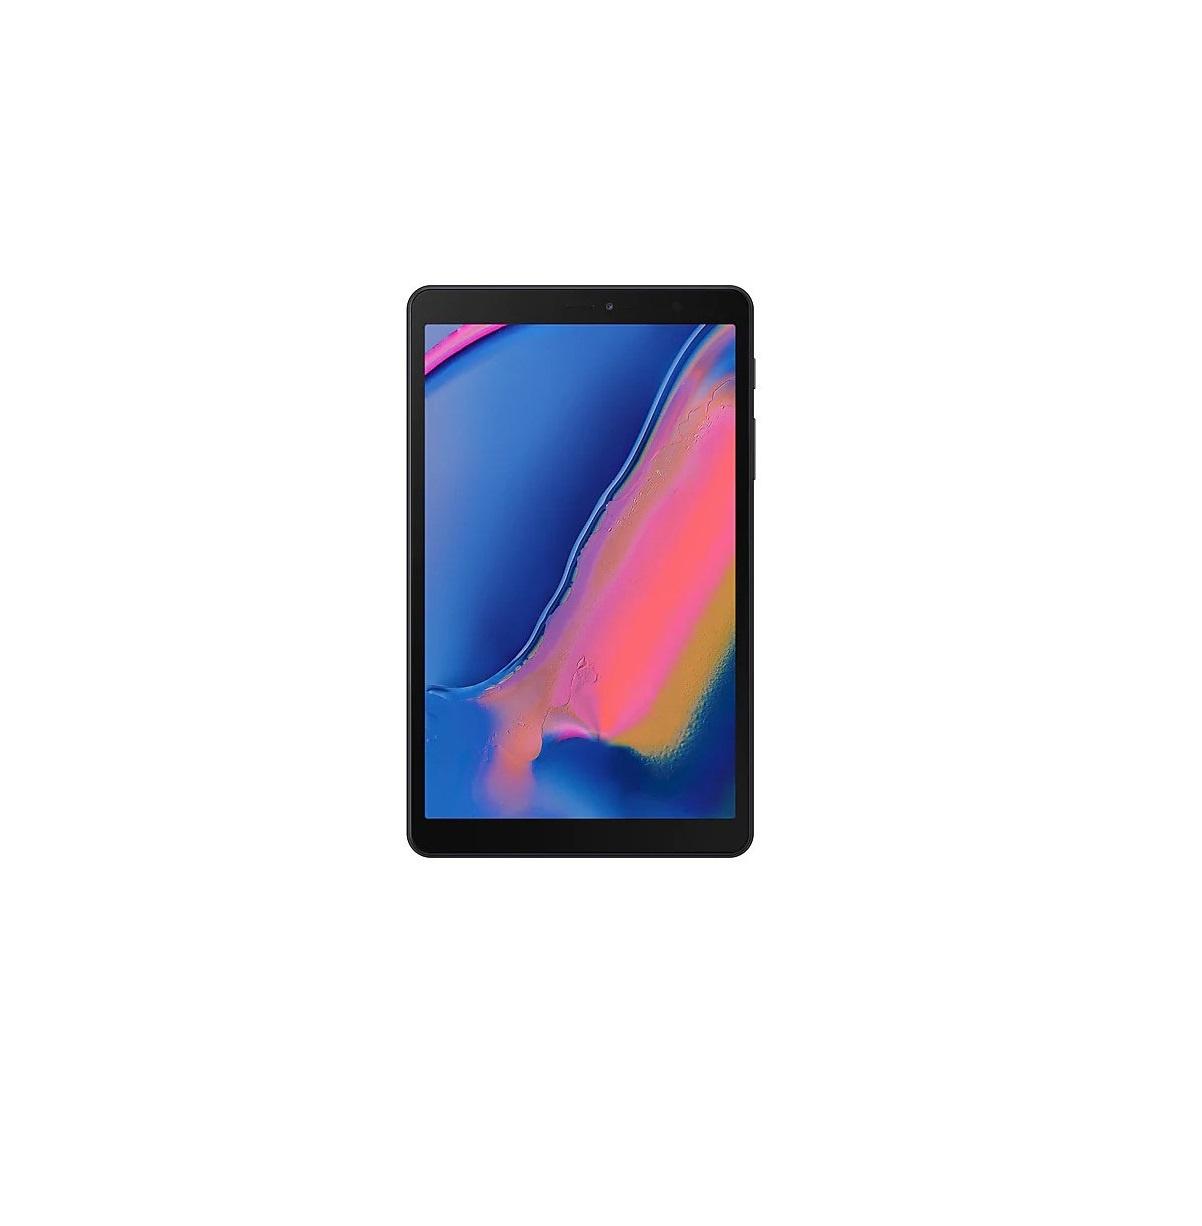 Samsung Galaxy Tab A 8.0 & S Pen (2019)